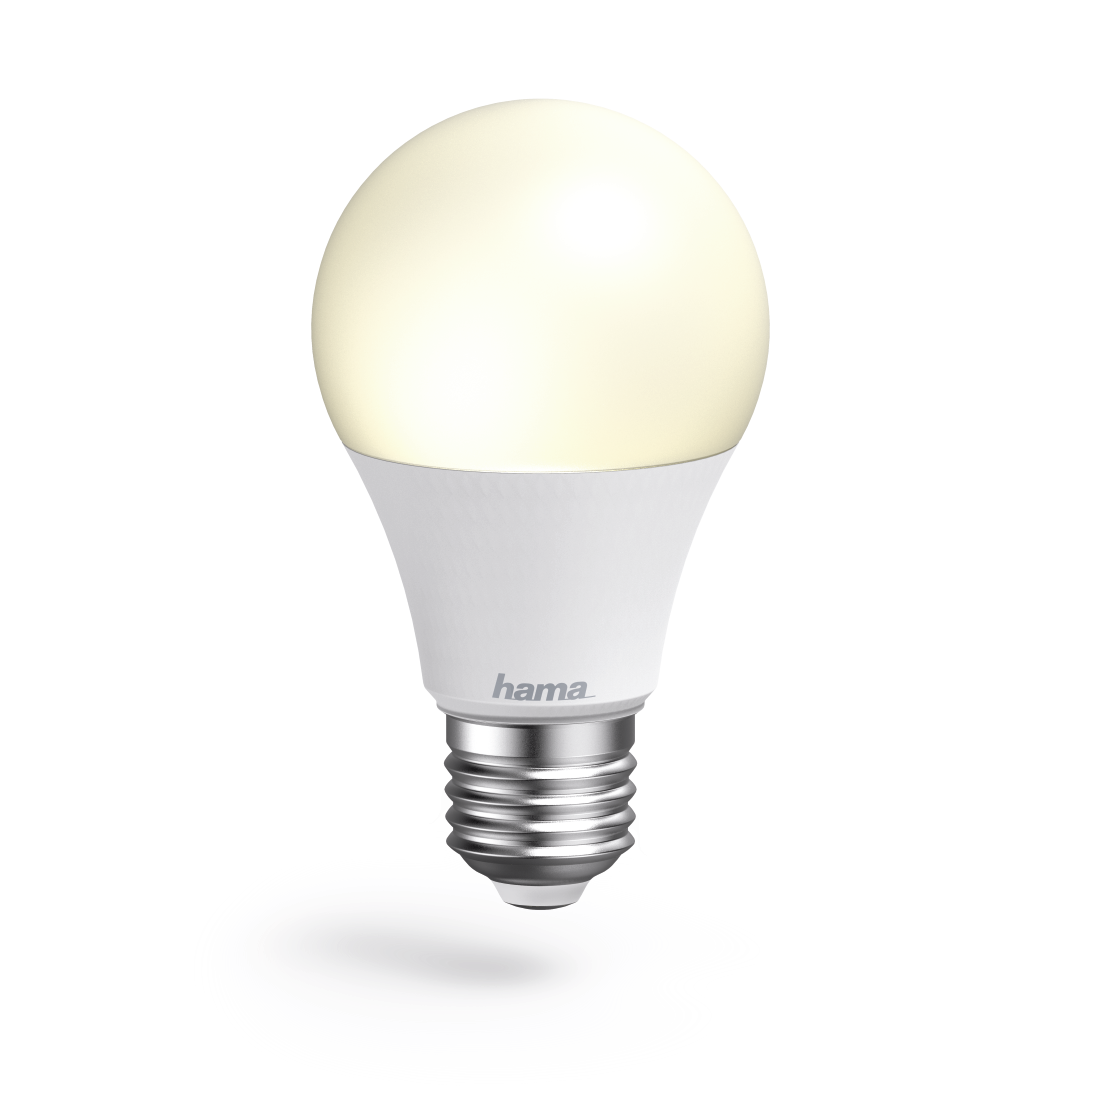 00176531 hama wifi led lampe e27 10w rgb dimmbar. Black Bedroom Furniture Sets. Home Design Ideas